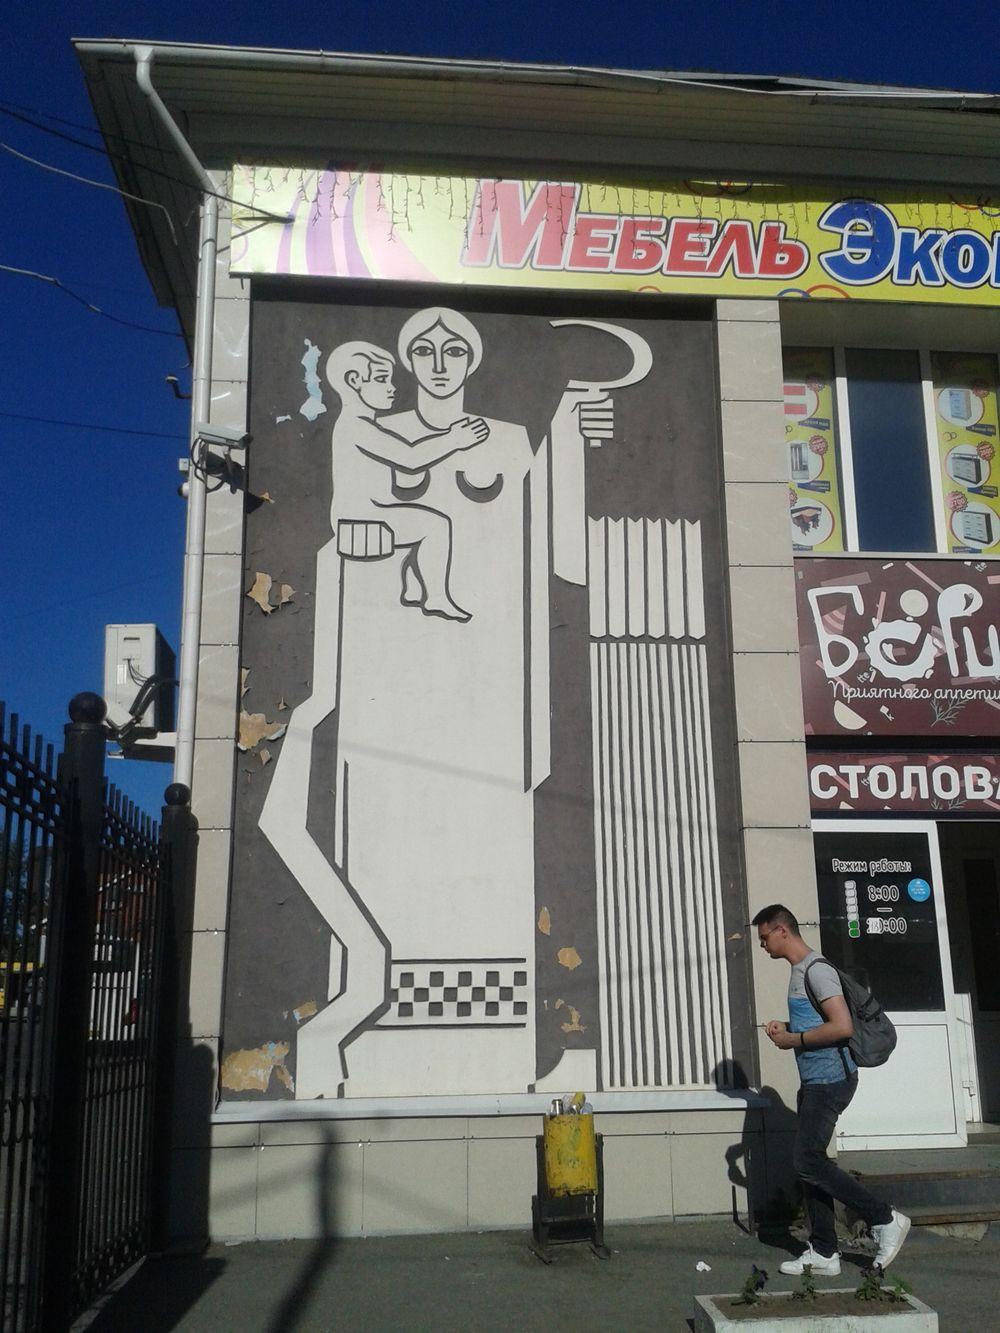 Диптих на здании Центрального автовокзала. Ижевск Красноармейская ул., 134А. ДВА. 5 июня 2021 г., 17:15:12.